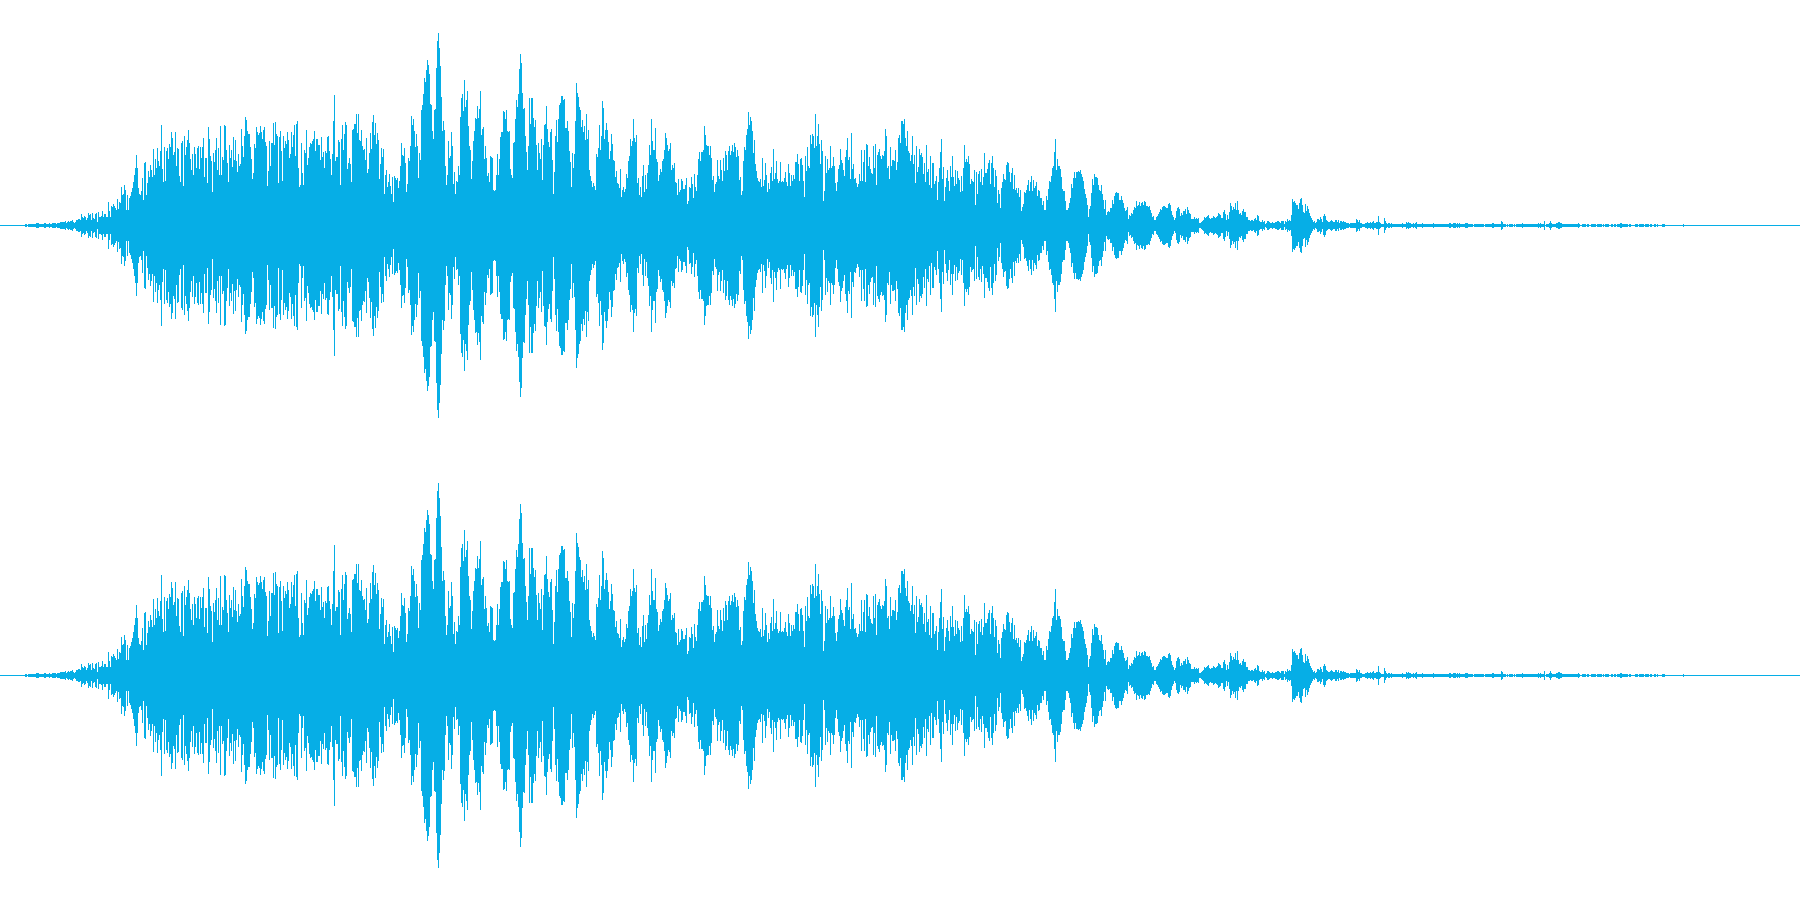 斬撃音!(刀や剣で斬る/刺す効果音)14の再生済みの波形